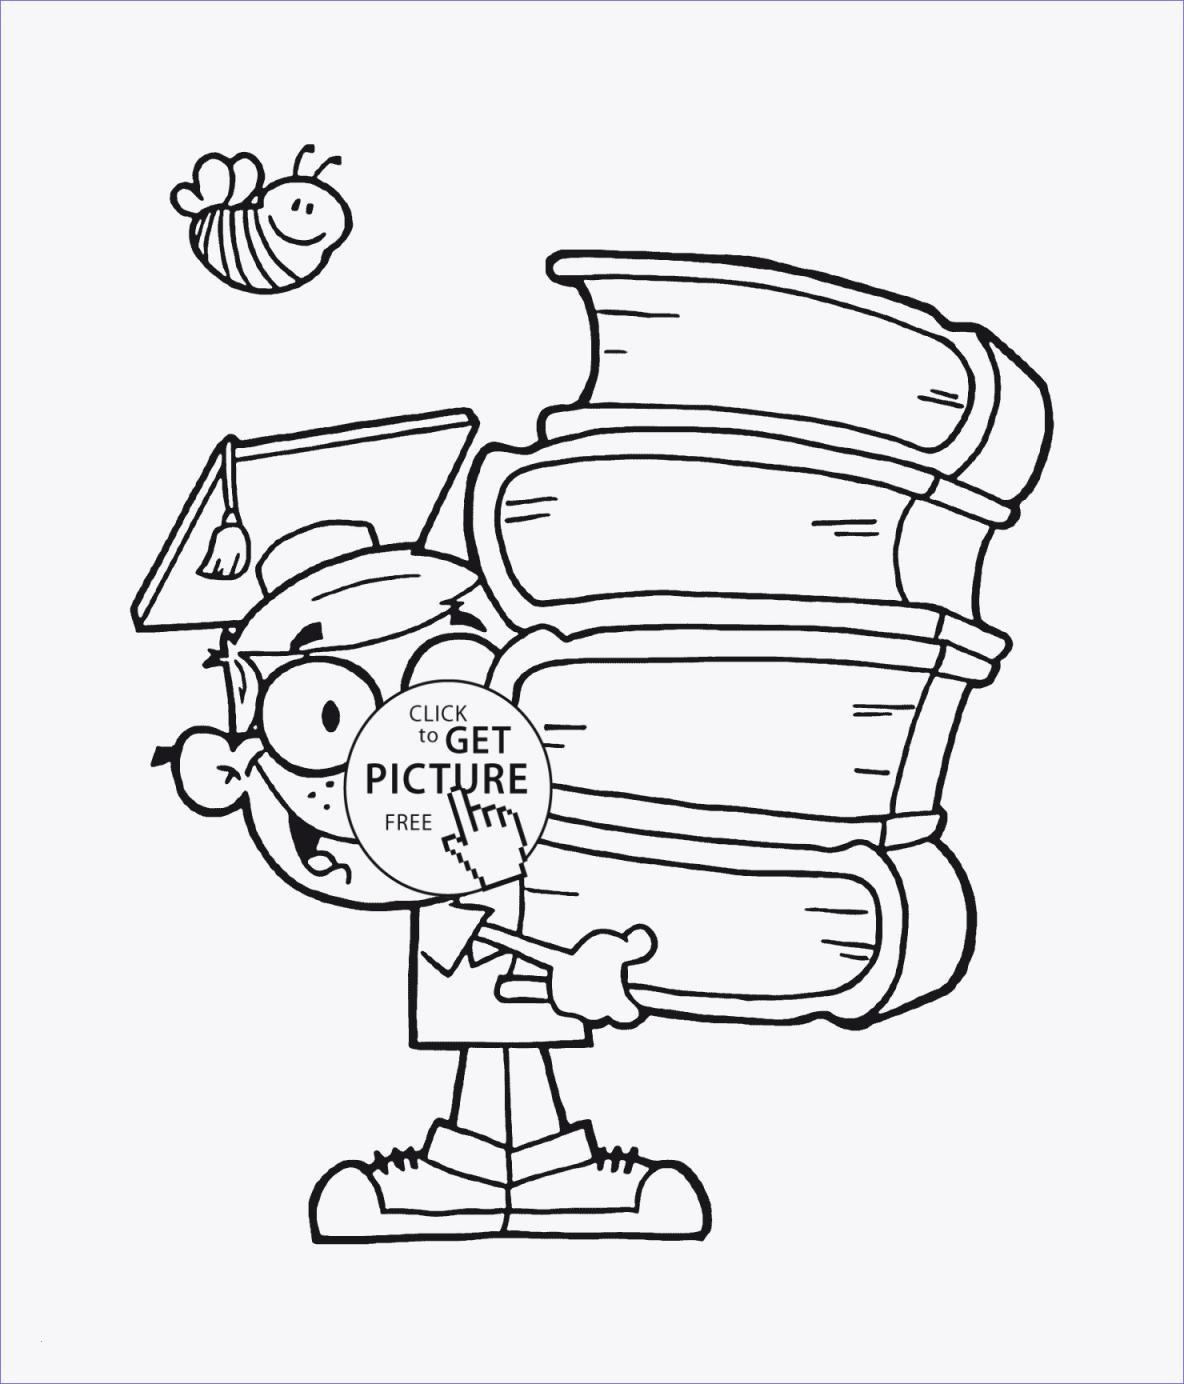 Ausmalbilder Zum Ausdrucken Disney Einzigartig Malvorlagen Igel Frisch Igel Grundschule 0d Archives Uploadertalk Bild